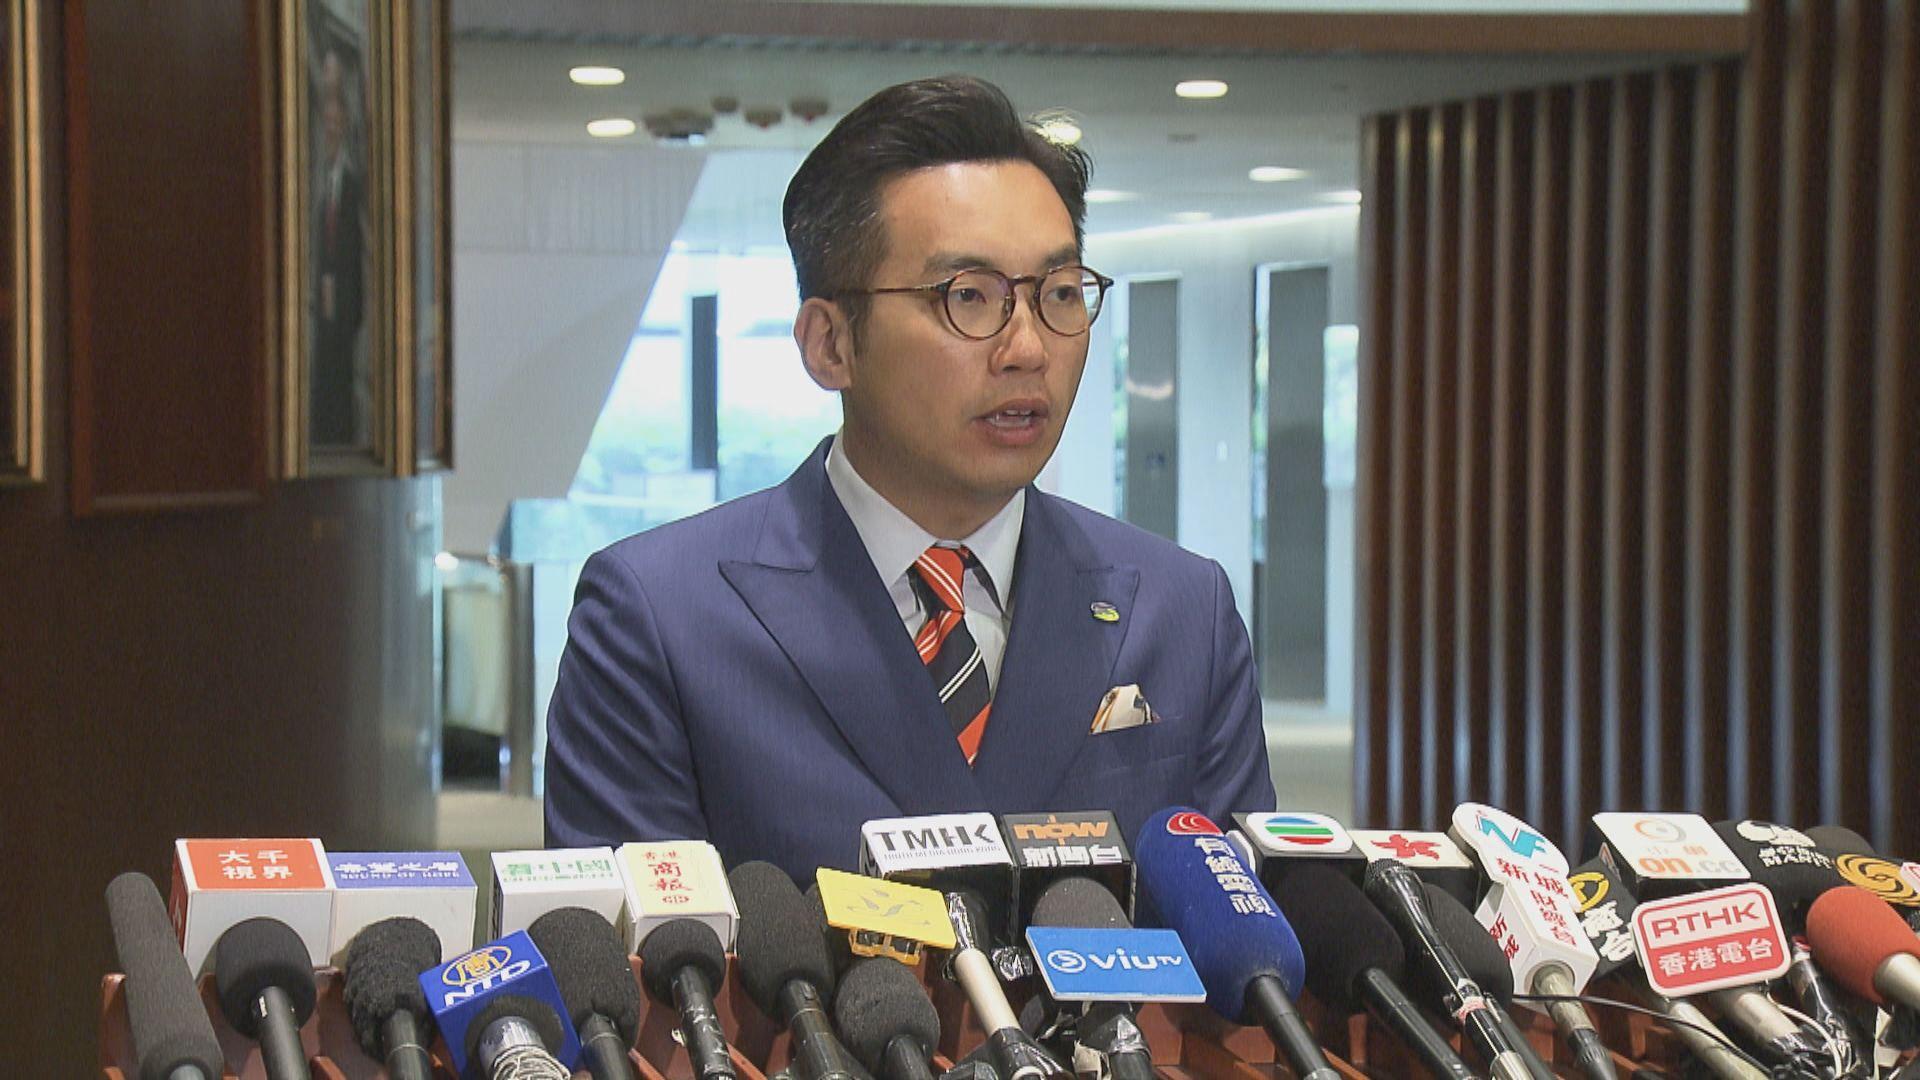 楊岳橋:法案生效後國際金融中心地位非理所當然